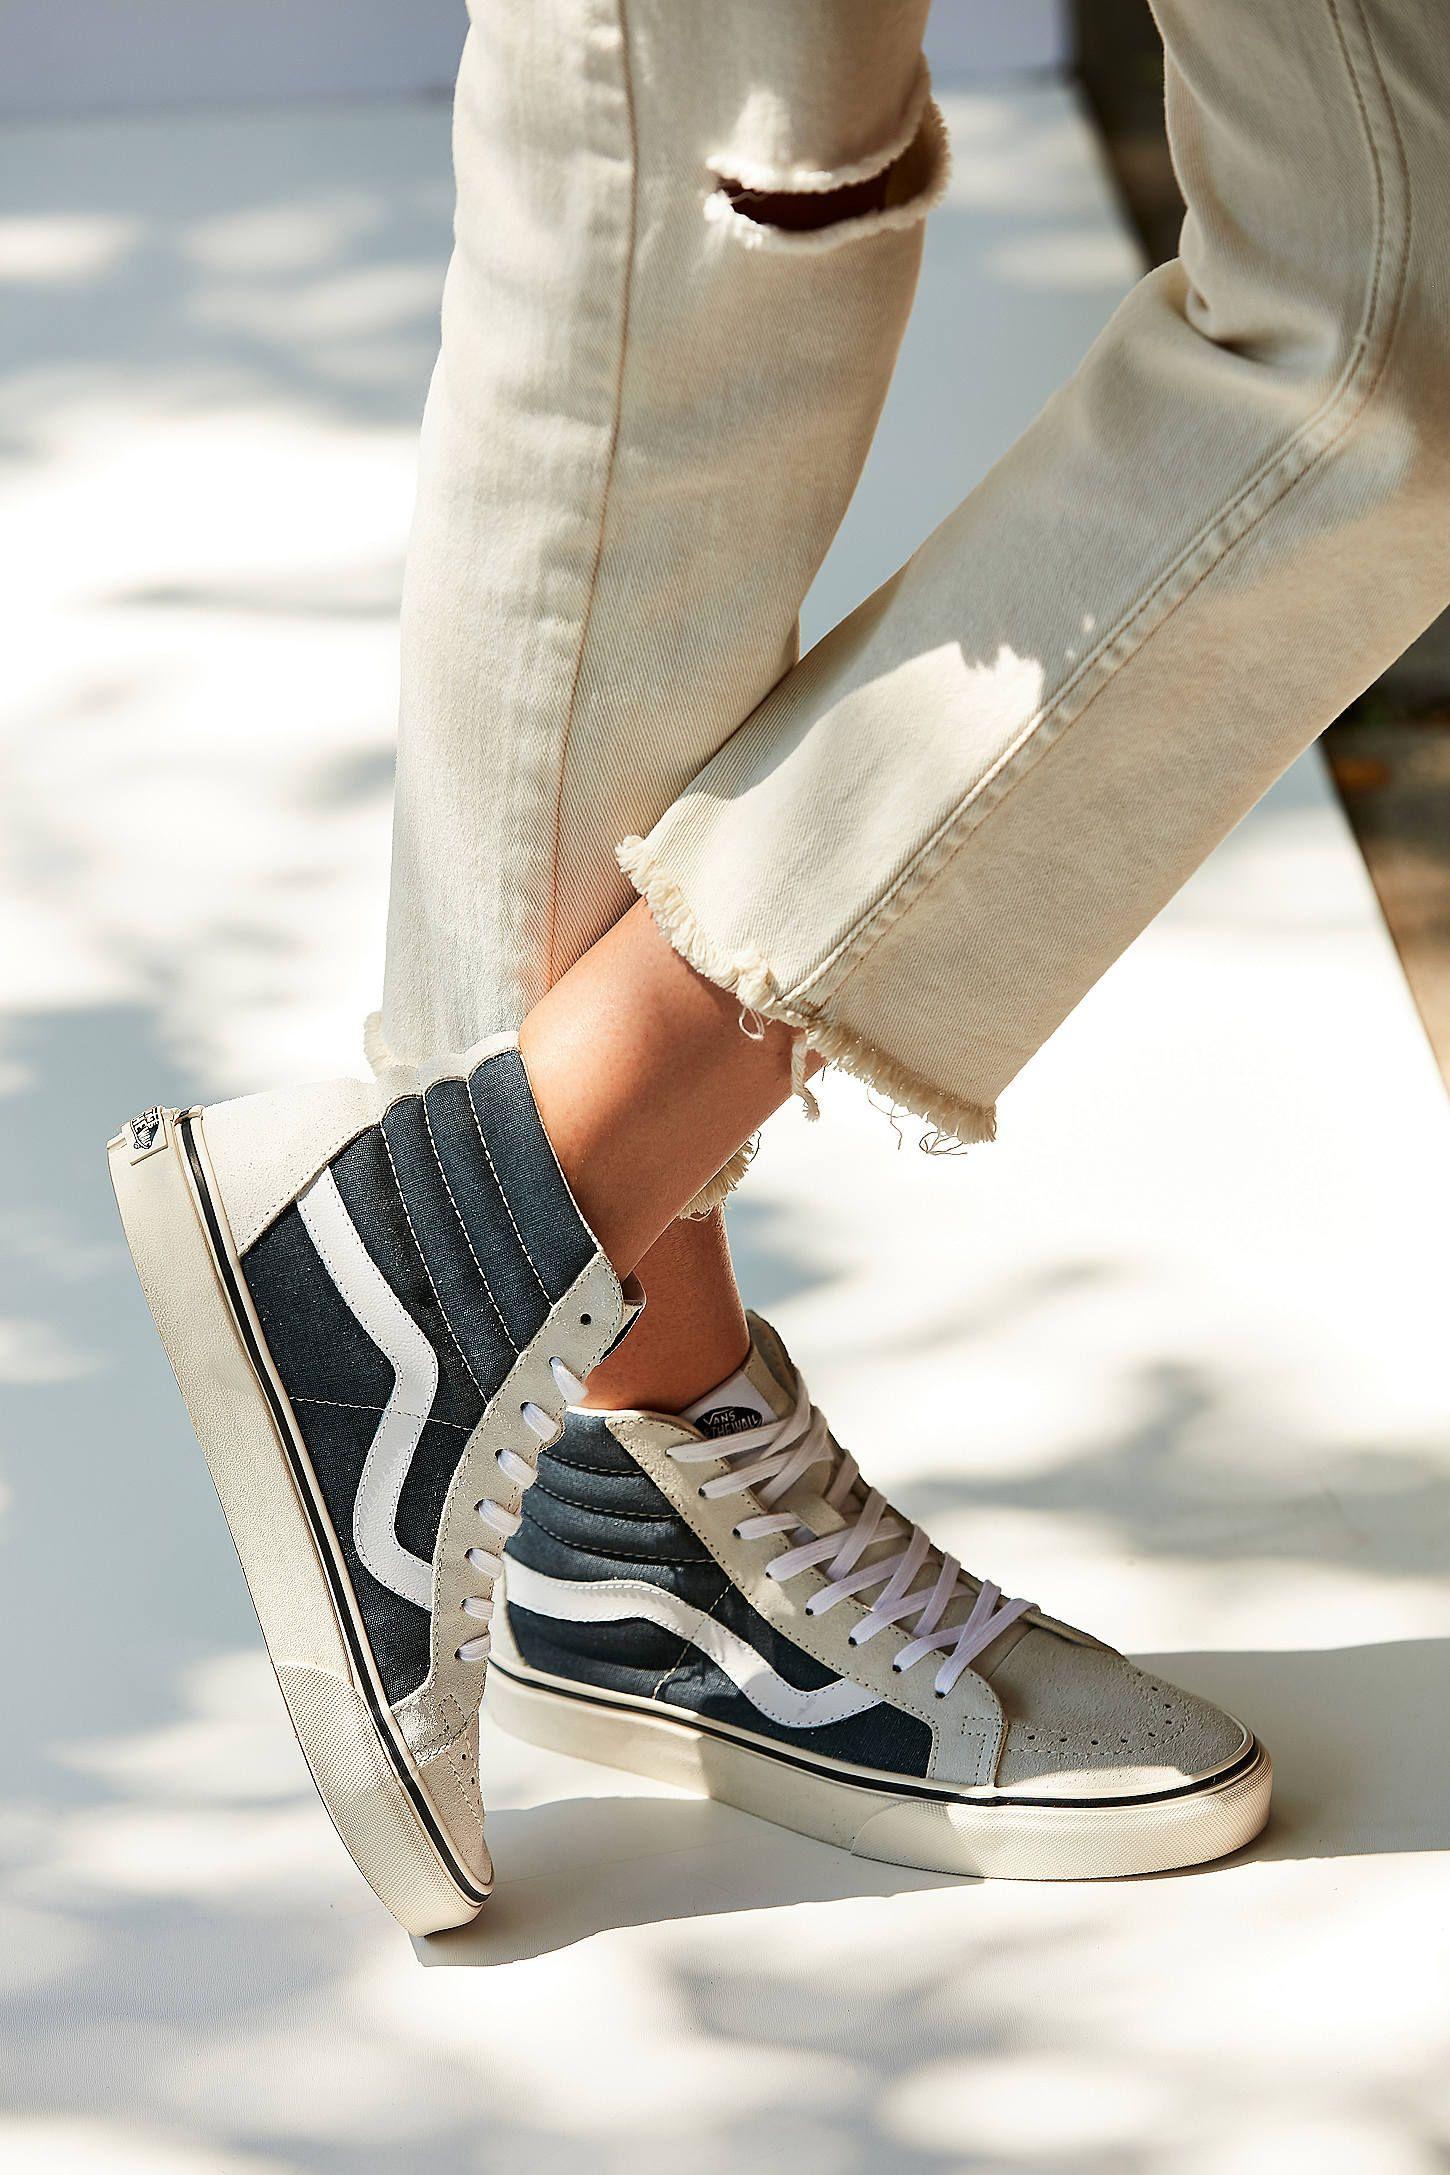 7adc80b365 Slide View  1  Vans Vintage Sk8-Hi Reissue Sneaker